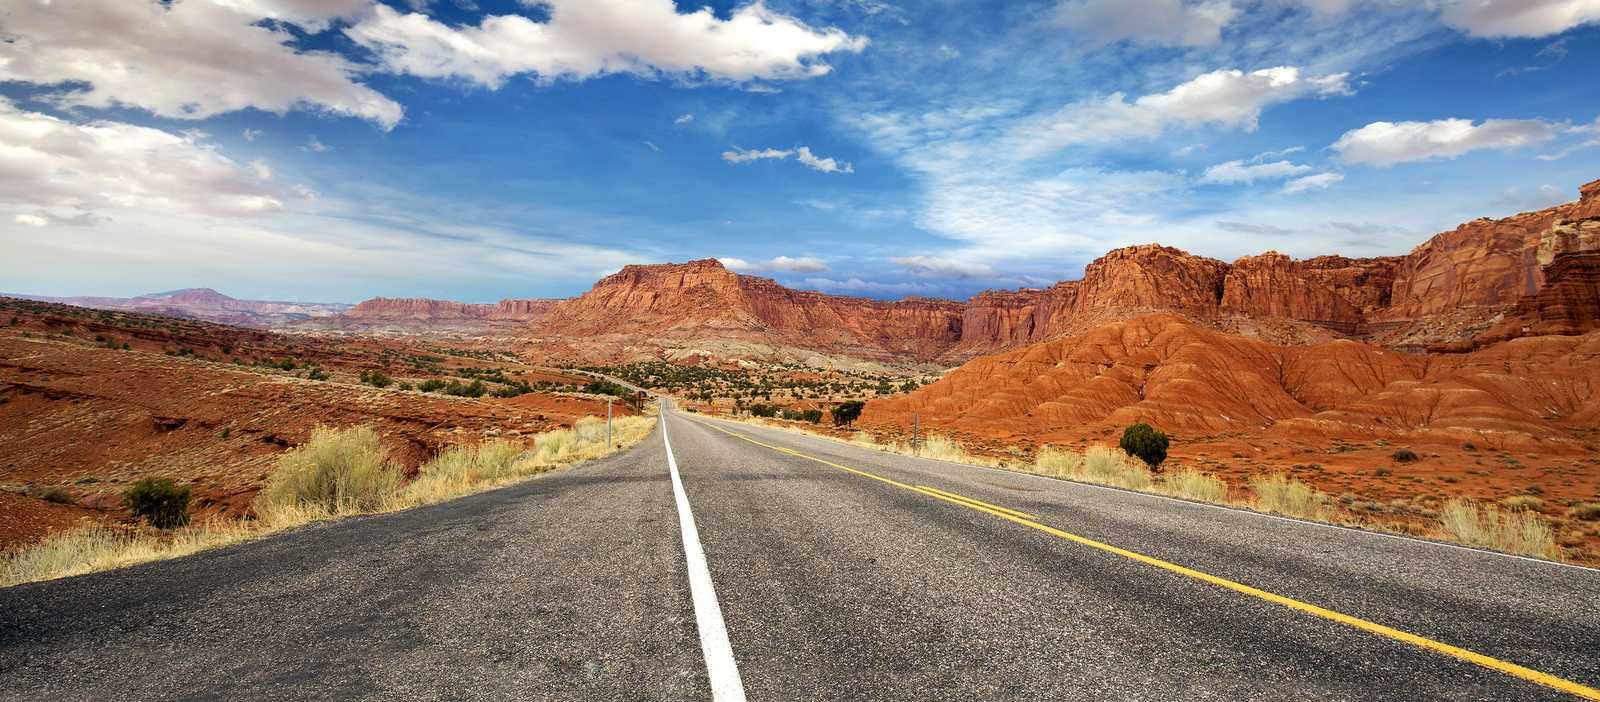 Der Highway durch den Capitol Reef Nationalpark in Utah